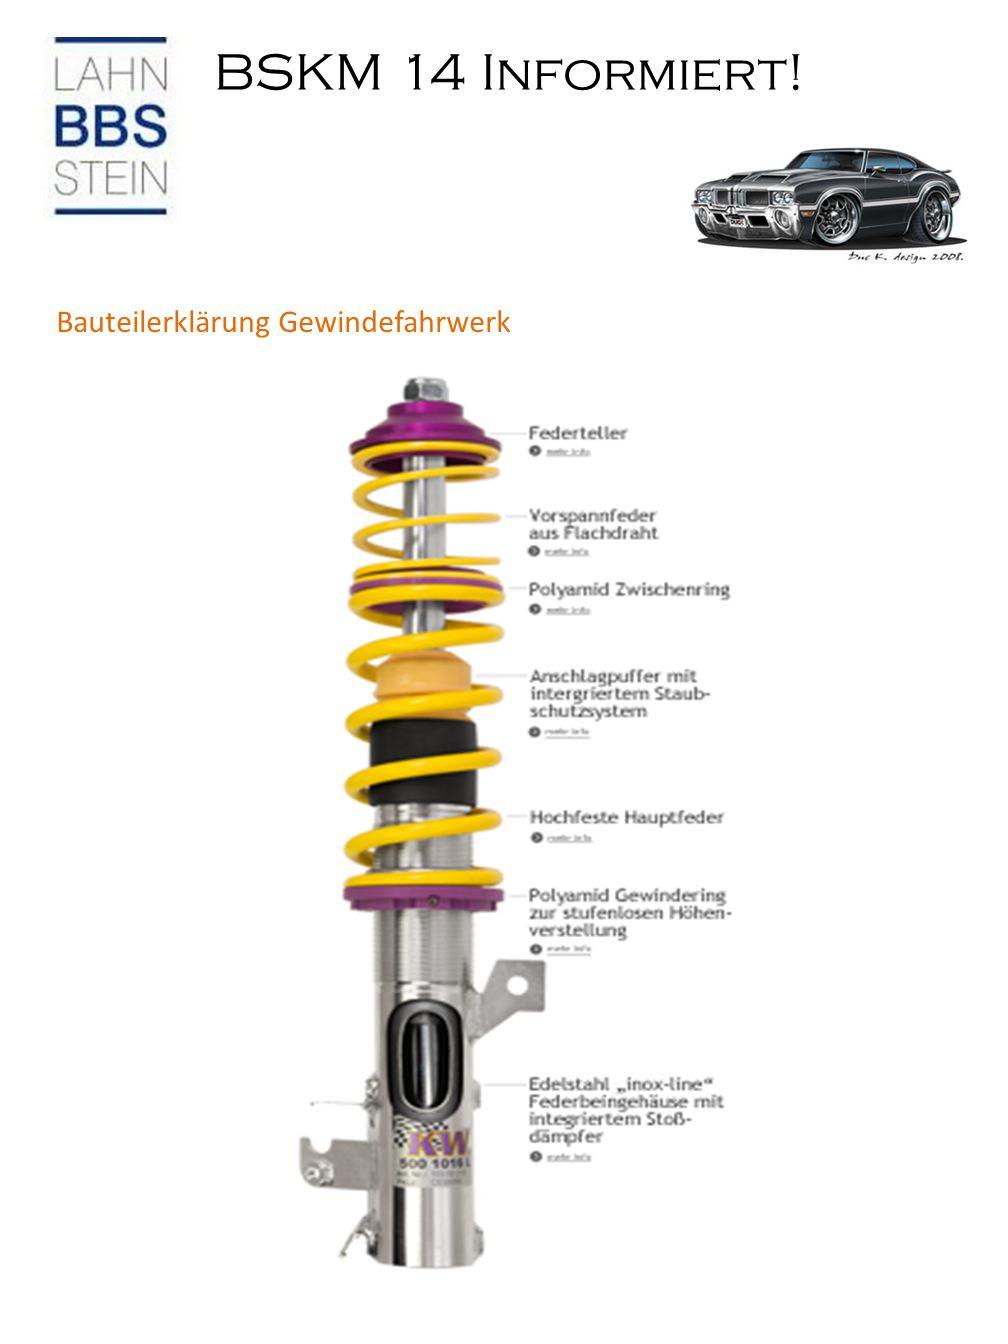 BSKM 14 Informiert! Bauteilerklärung Gewindefahrwerk